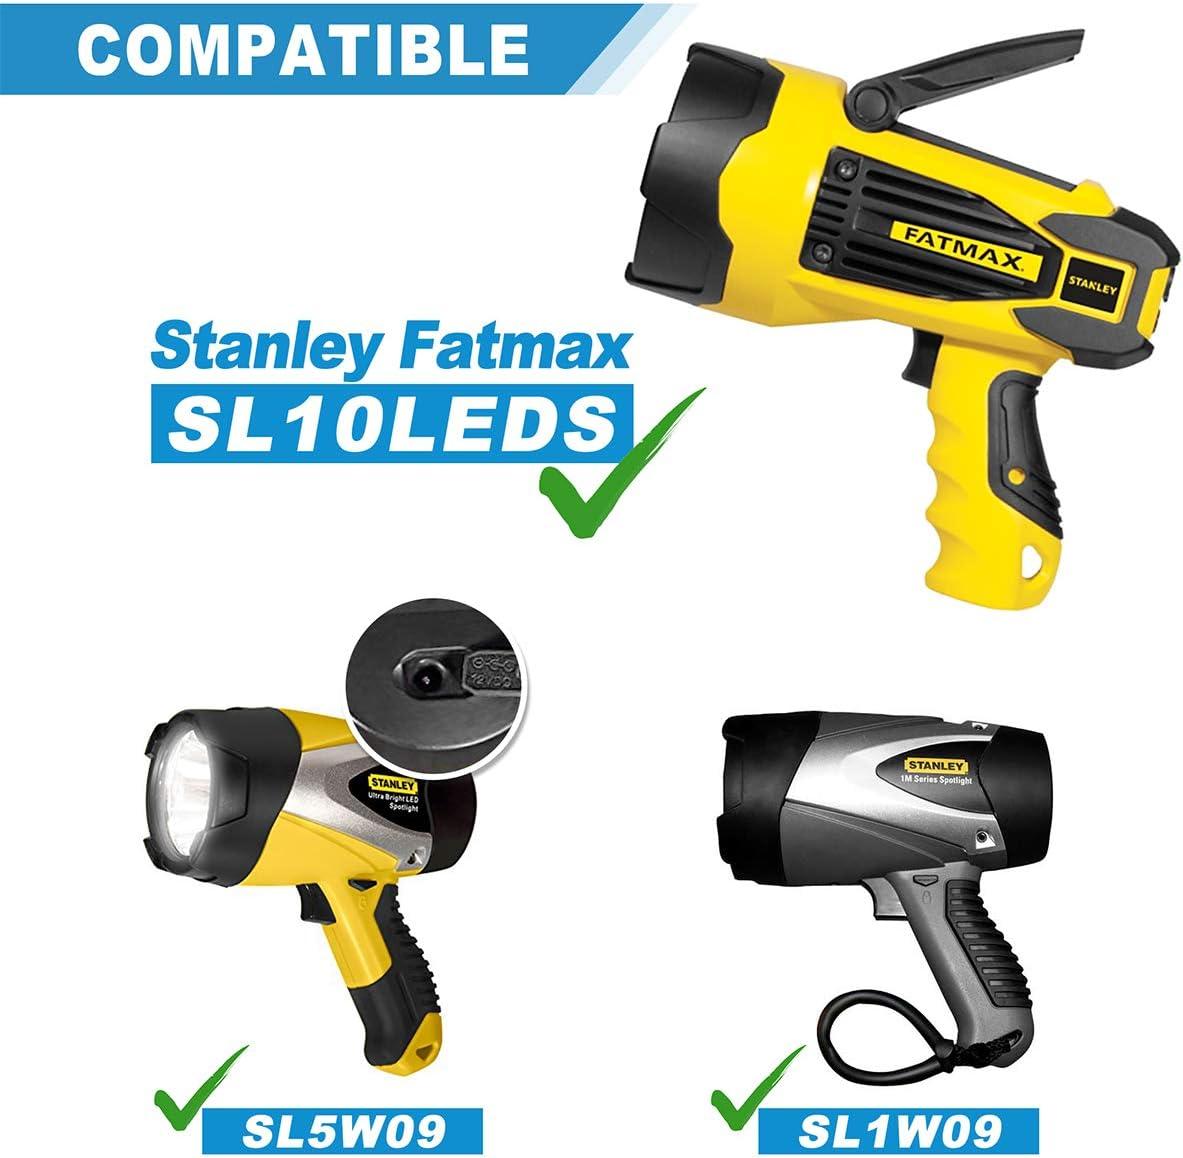 AC Power Adapter For 12V Stanley FatMax LED SL1M09 SL5W09 HID0109 FL5W10 FL3WBD